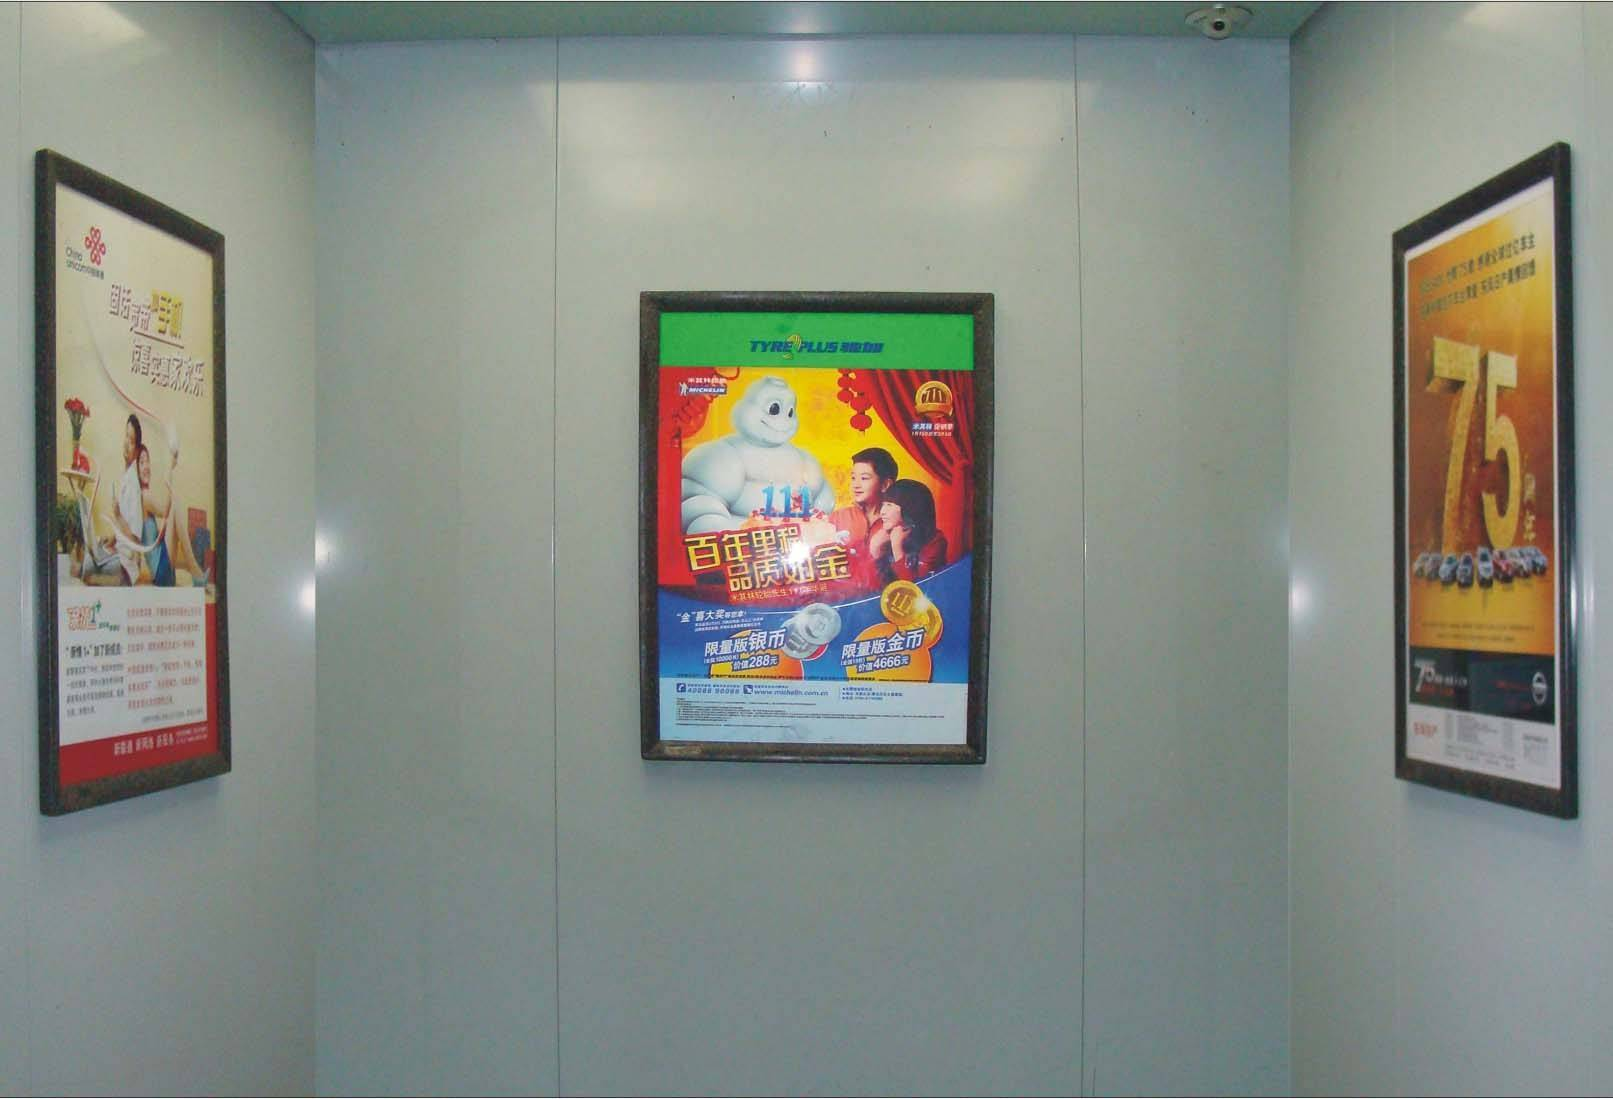 佛山市高明区盛南儒雅居电梯轿厢广告框架